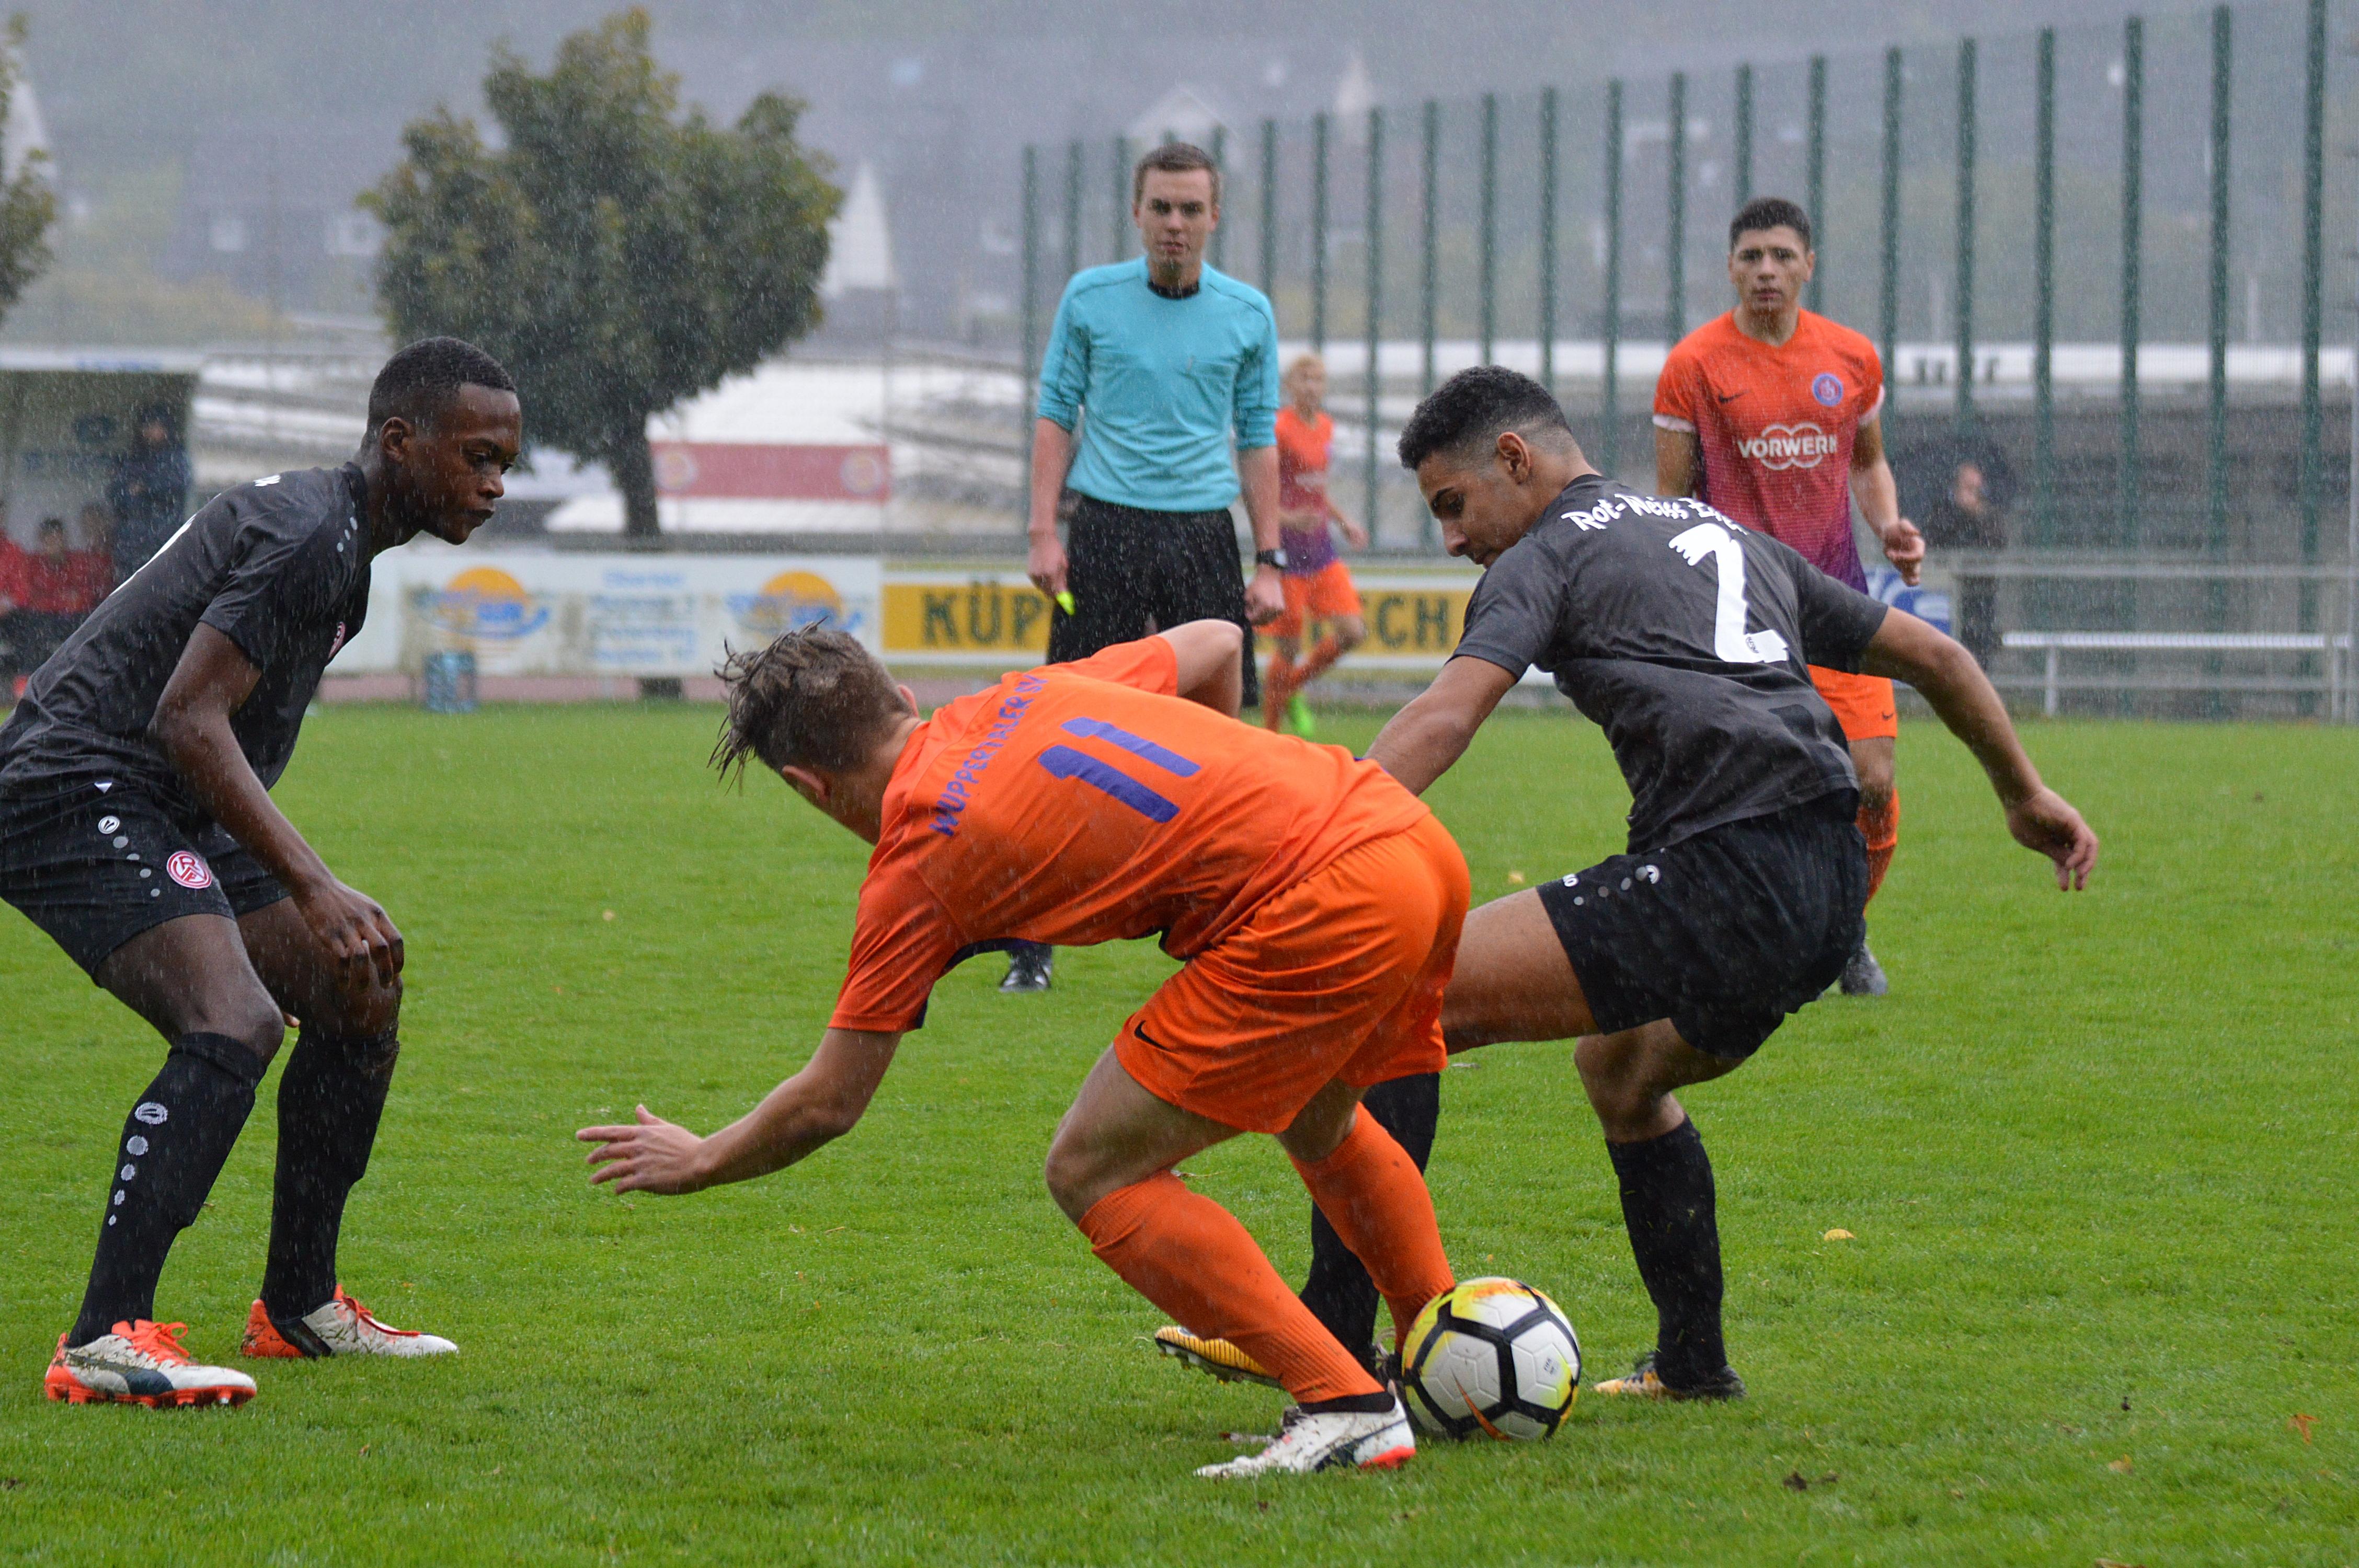 Das 0:0 in Wuppertal war das erste Unentschieden für die rot-weisse U19 in dieser Saison.